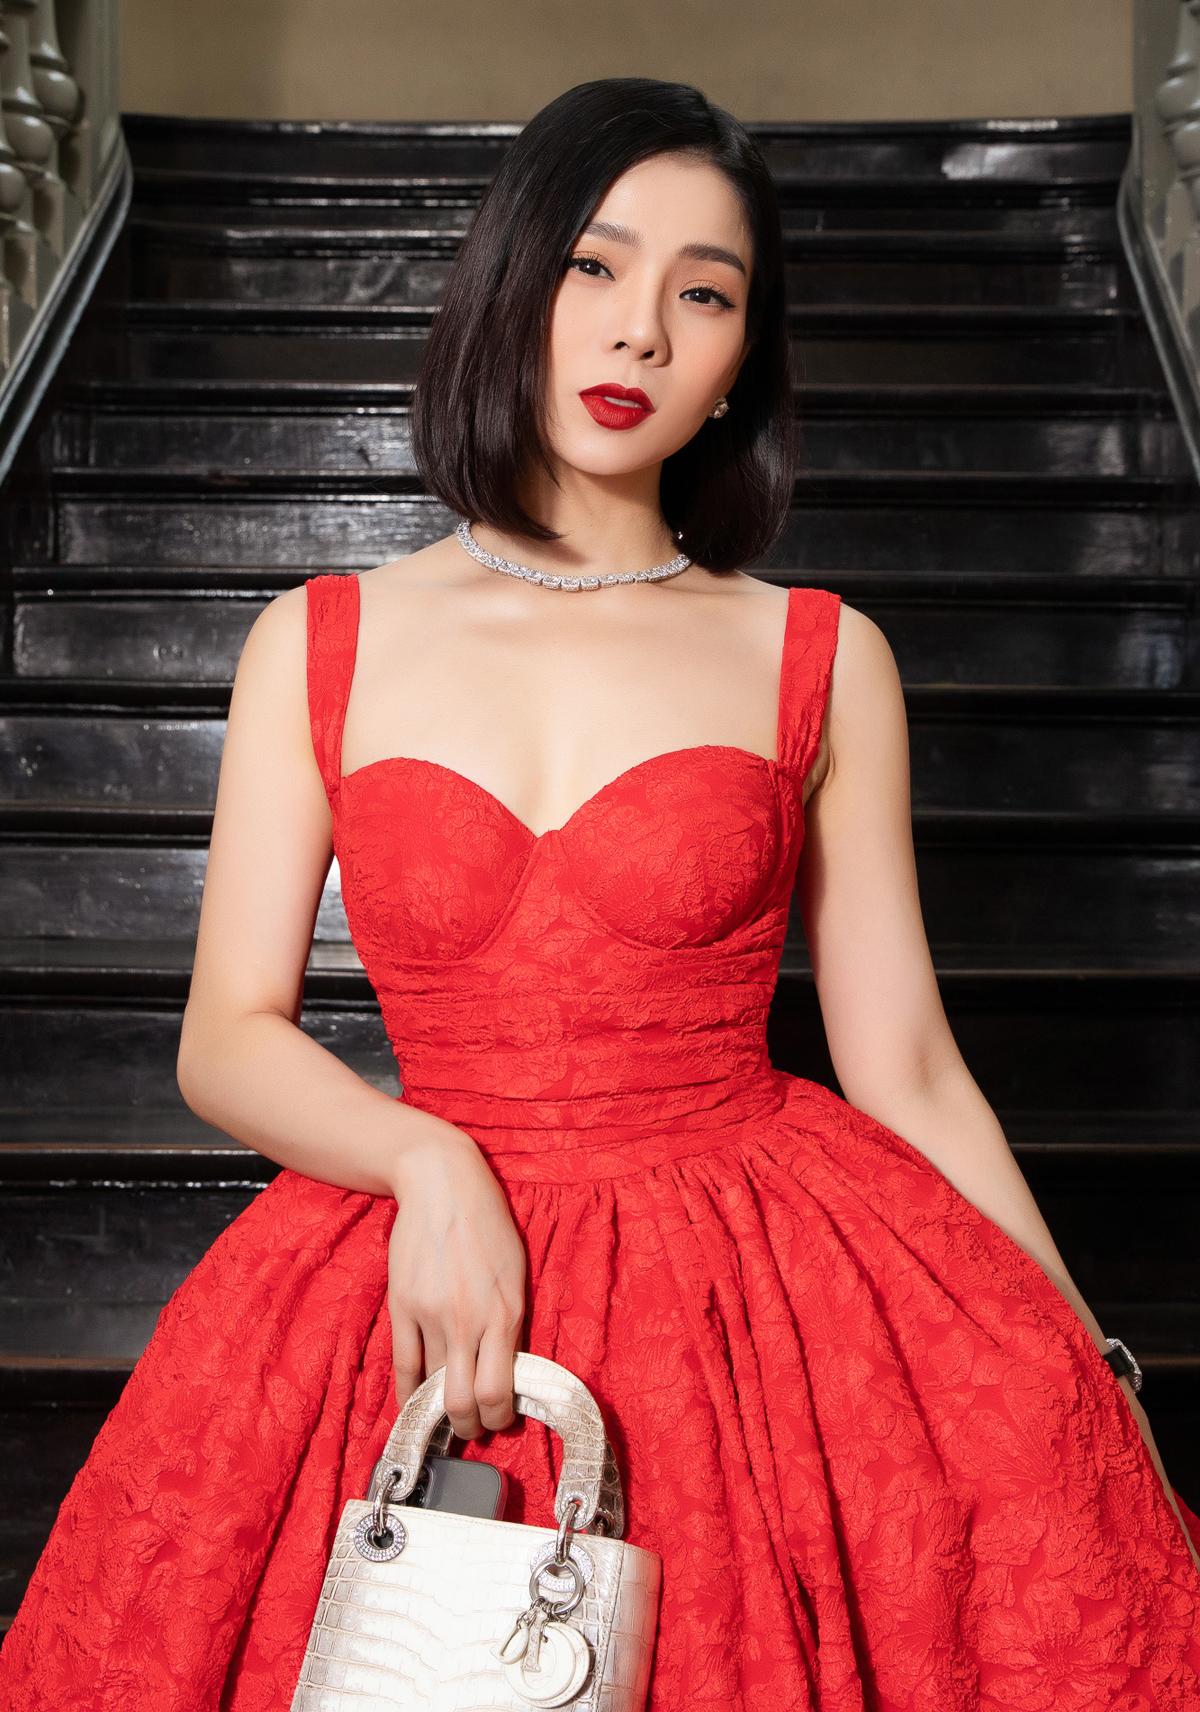 Lệ Quyên khoe nhan sắc ngày càng lão hóa ngược cùng váy cúp ngực kiểu cổ điển. Cô xách chiếc túi Dior da cá sấu bạch tạng hàng limited.